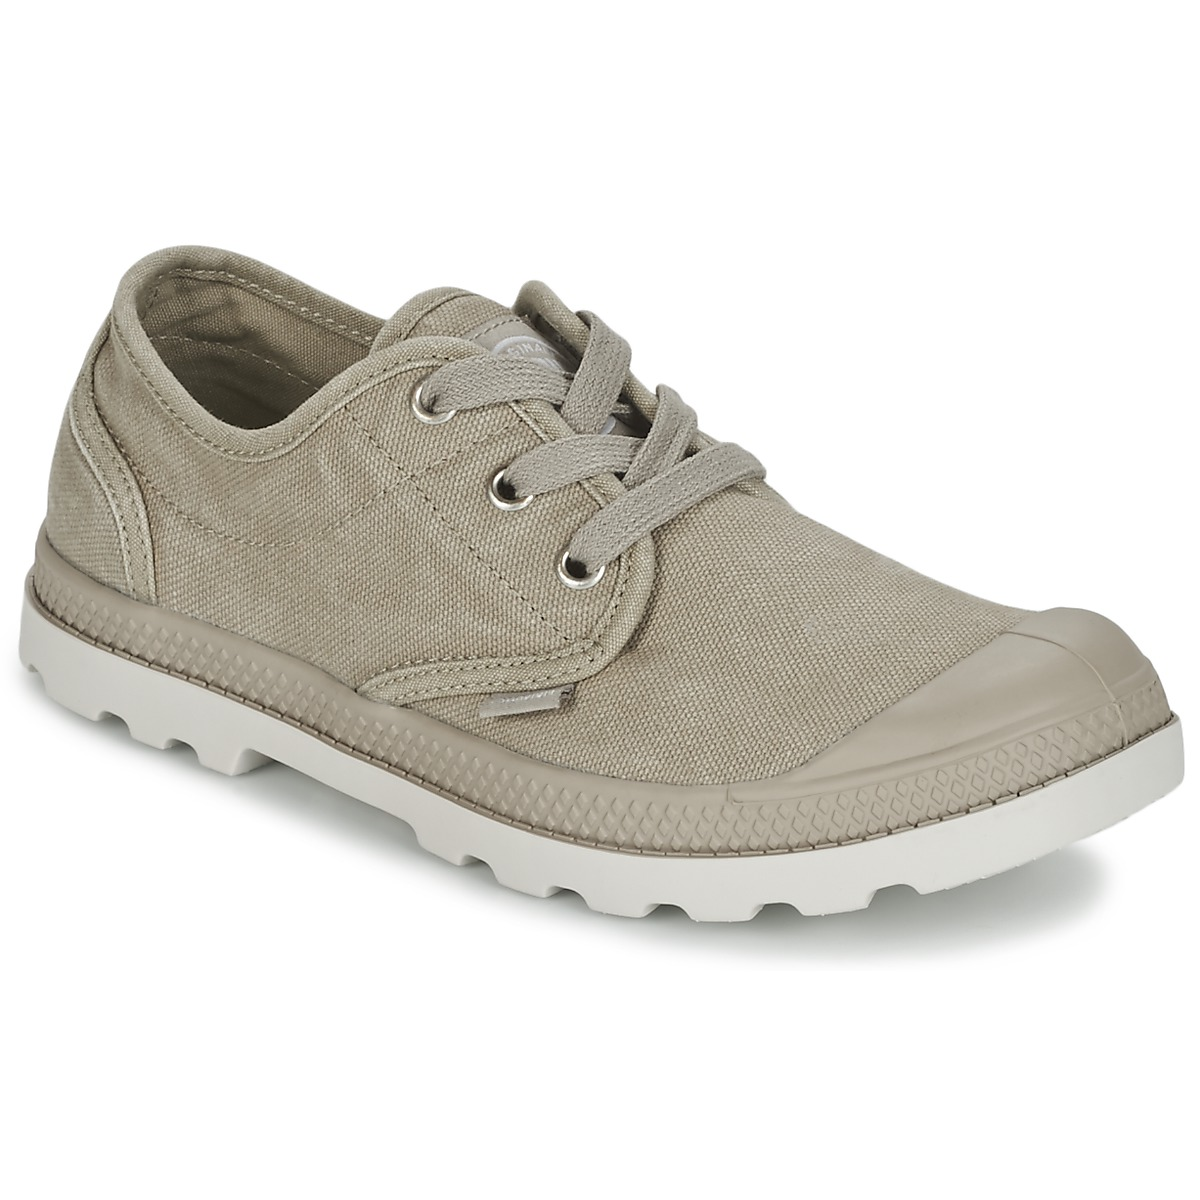 palladium us oxford gris chaussure pas cher avec chaussures baskets basses femme. Black Bedroom Furniture Sets. Home Design Ideas